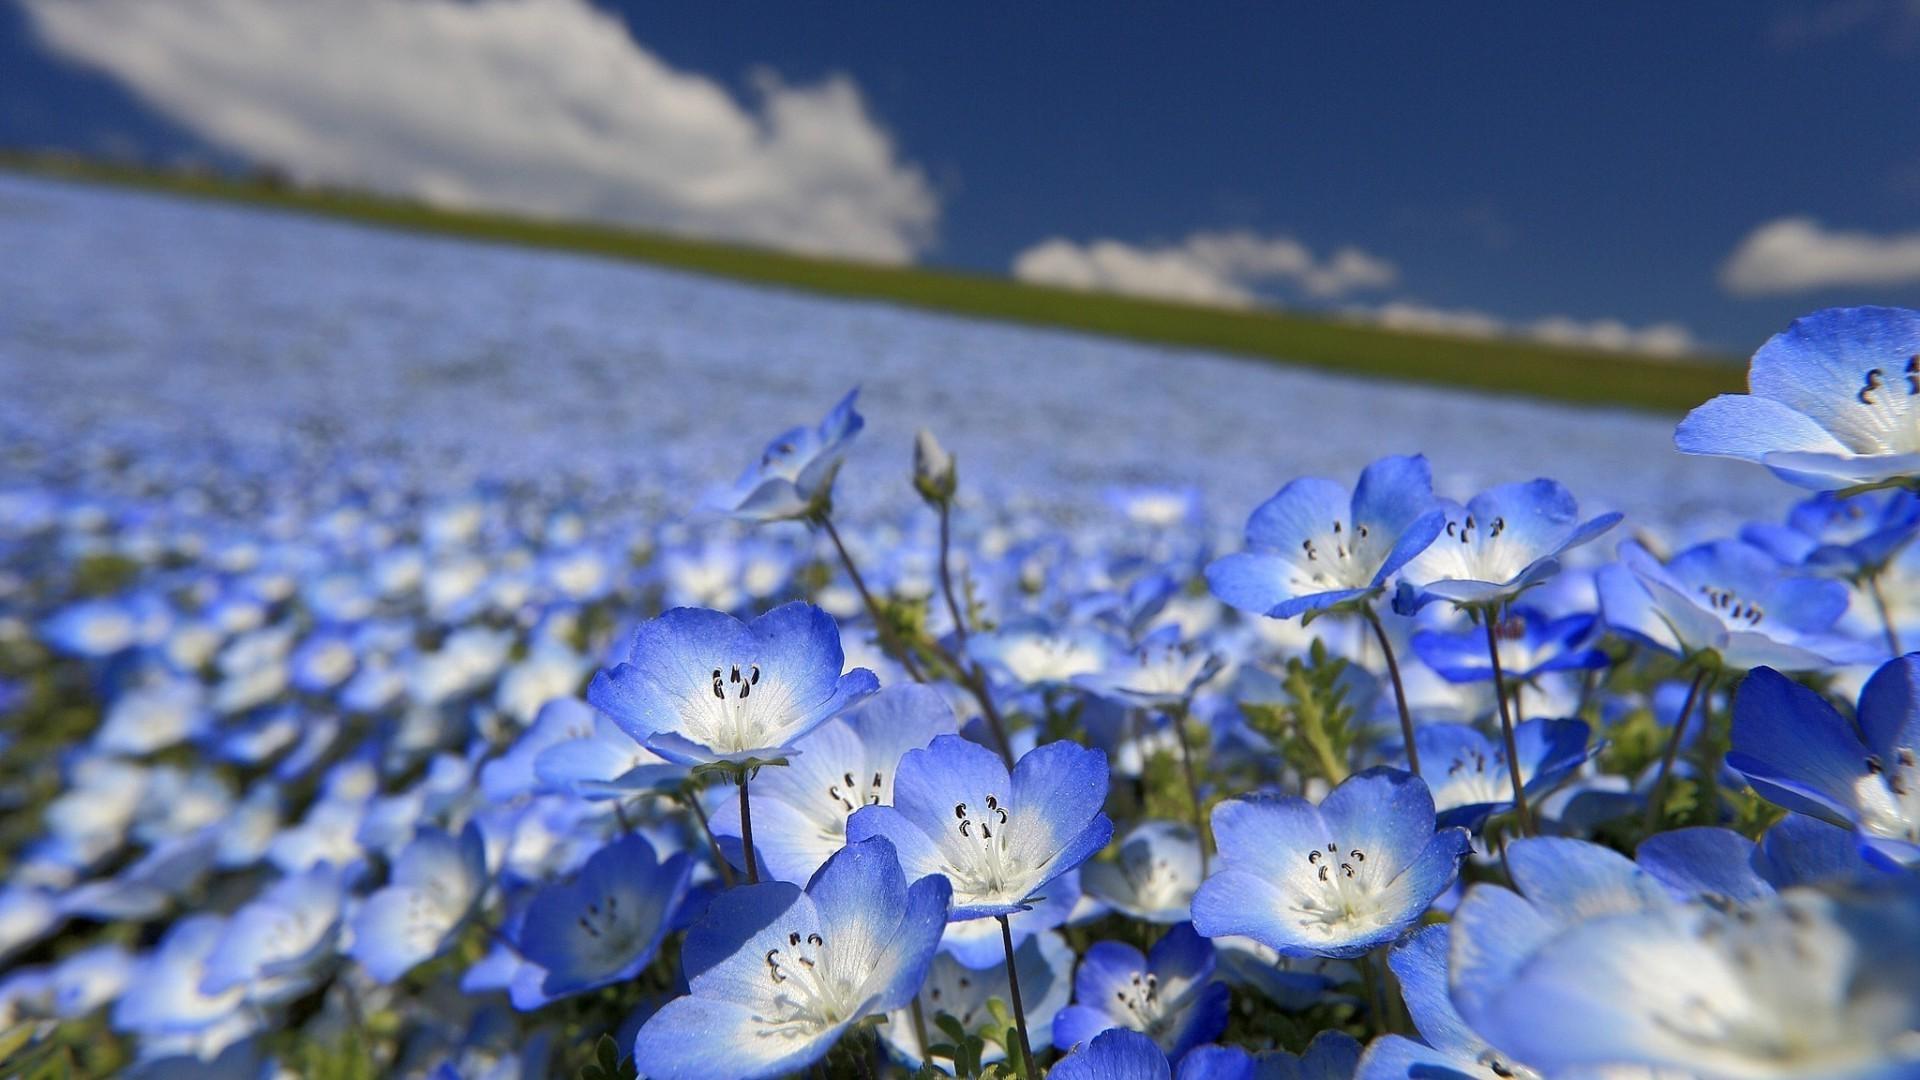 Скачать заставку цветы на андроид бесплатно